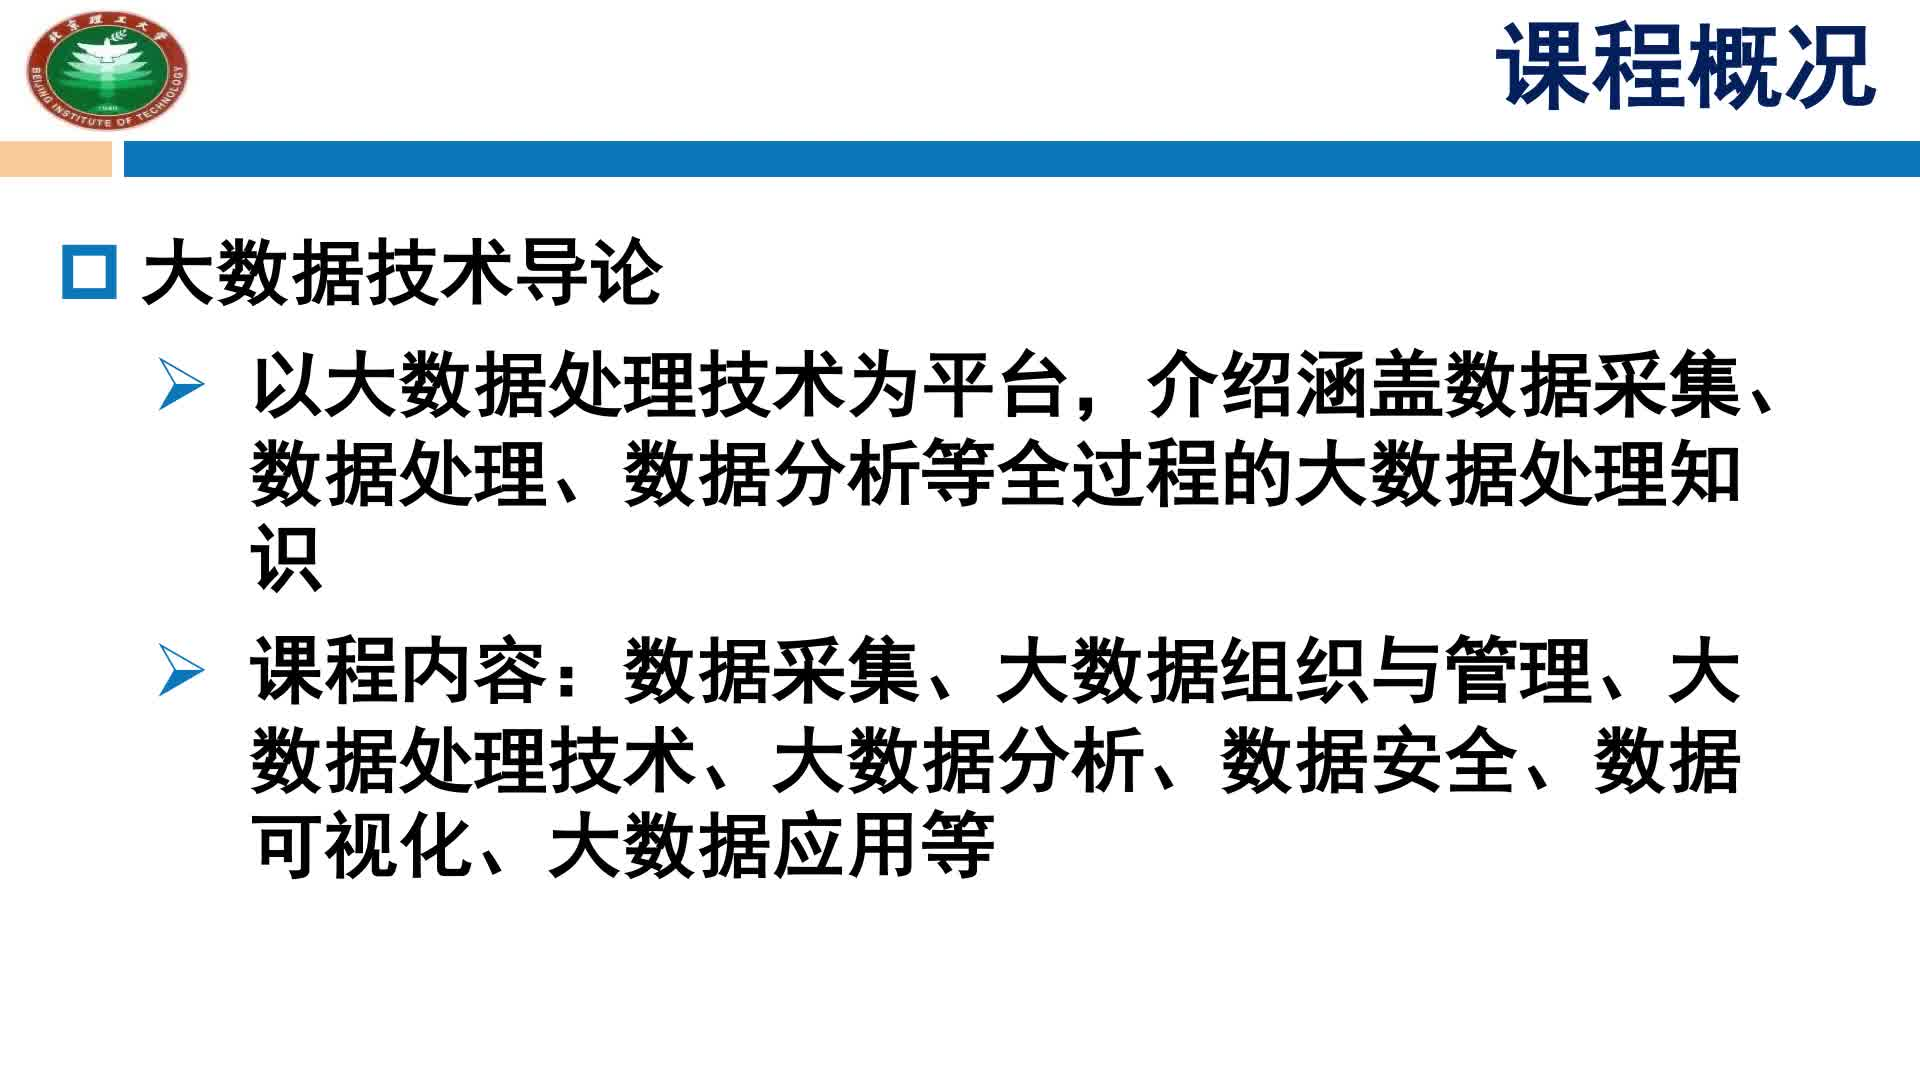 北京理工大学慕课——王国仁:大数据技术引论(一)